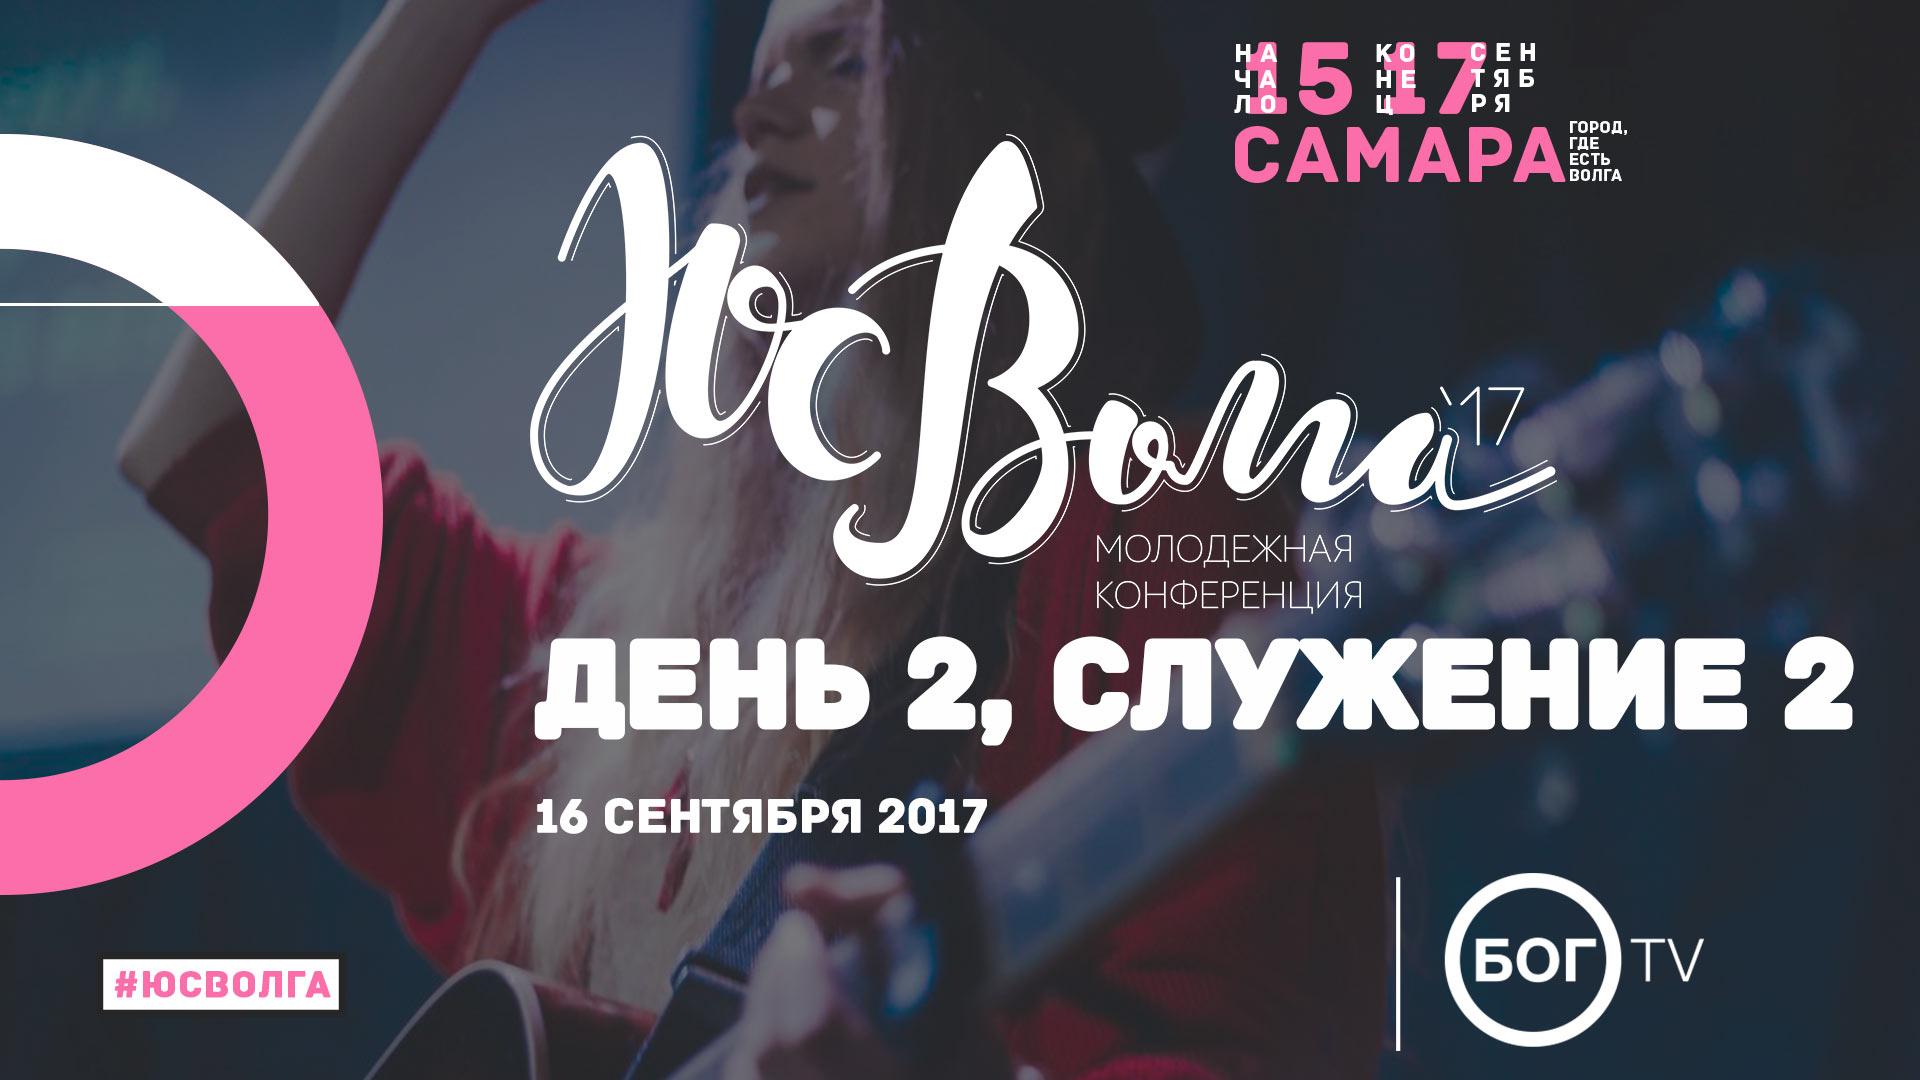 Молодежная конференция #ЮСВОЛГА 2017 - День 2, Служение 2 (16.09.17)